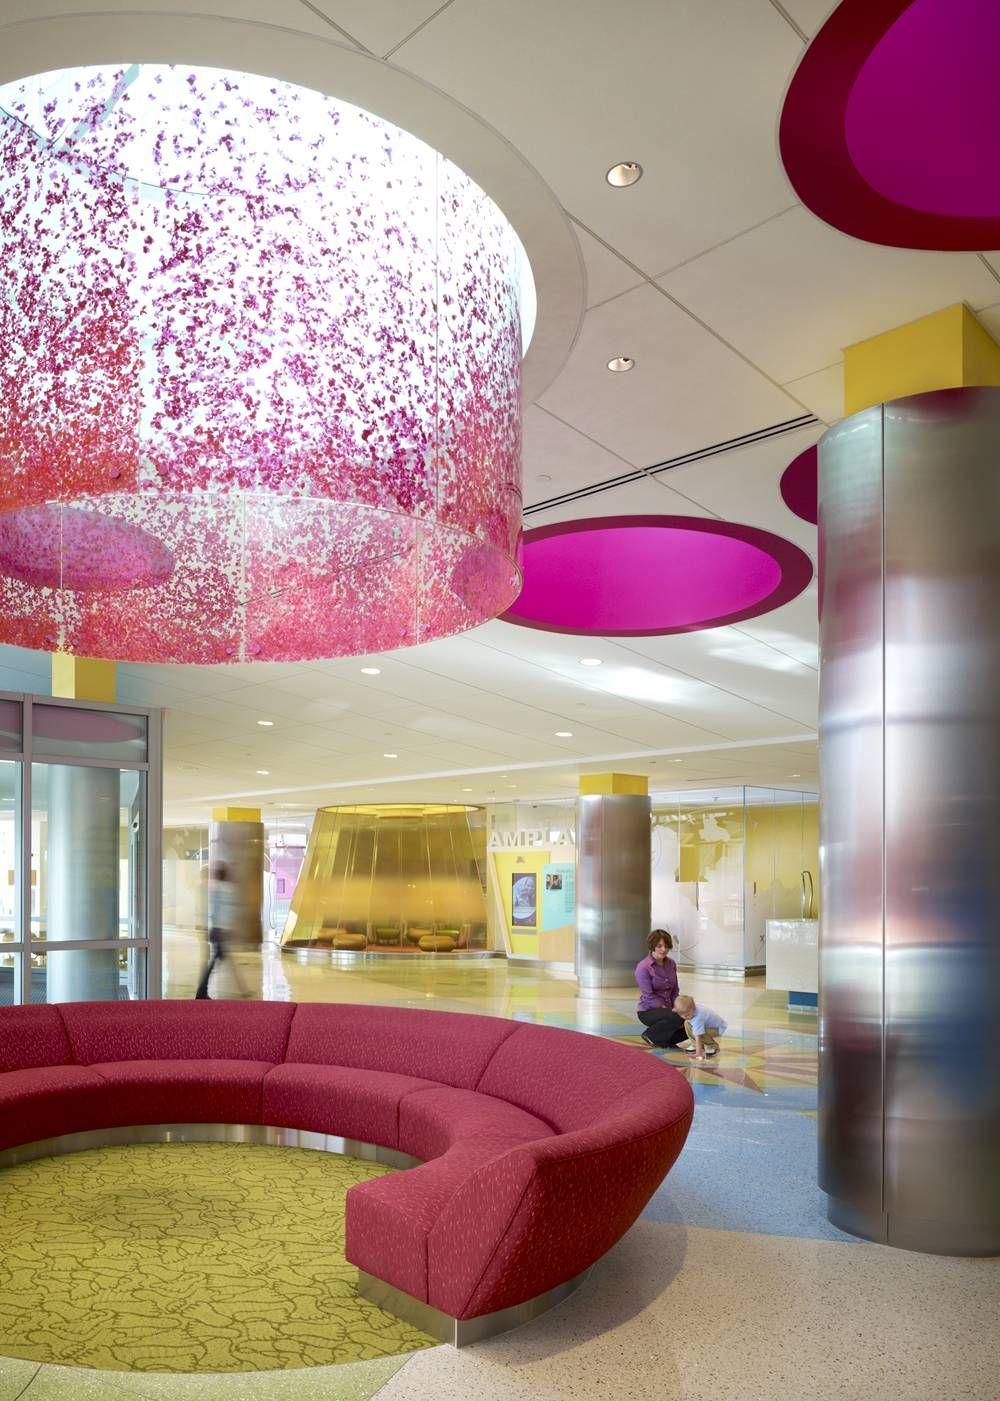 lobbies for children hospitals Found worldarchitecturenews